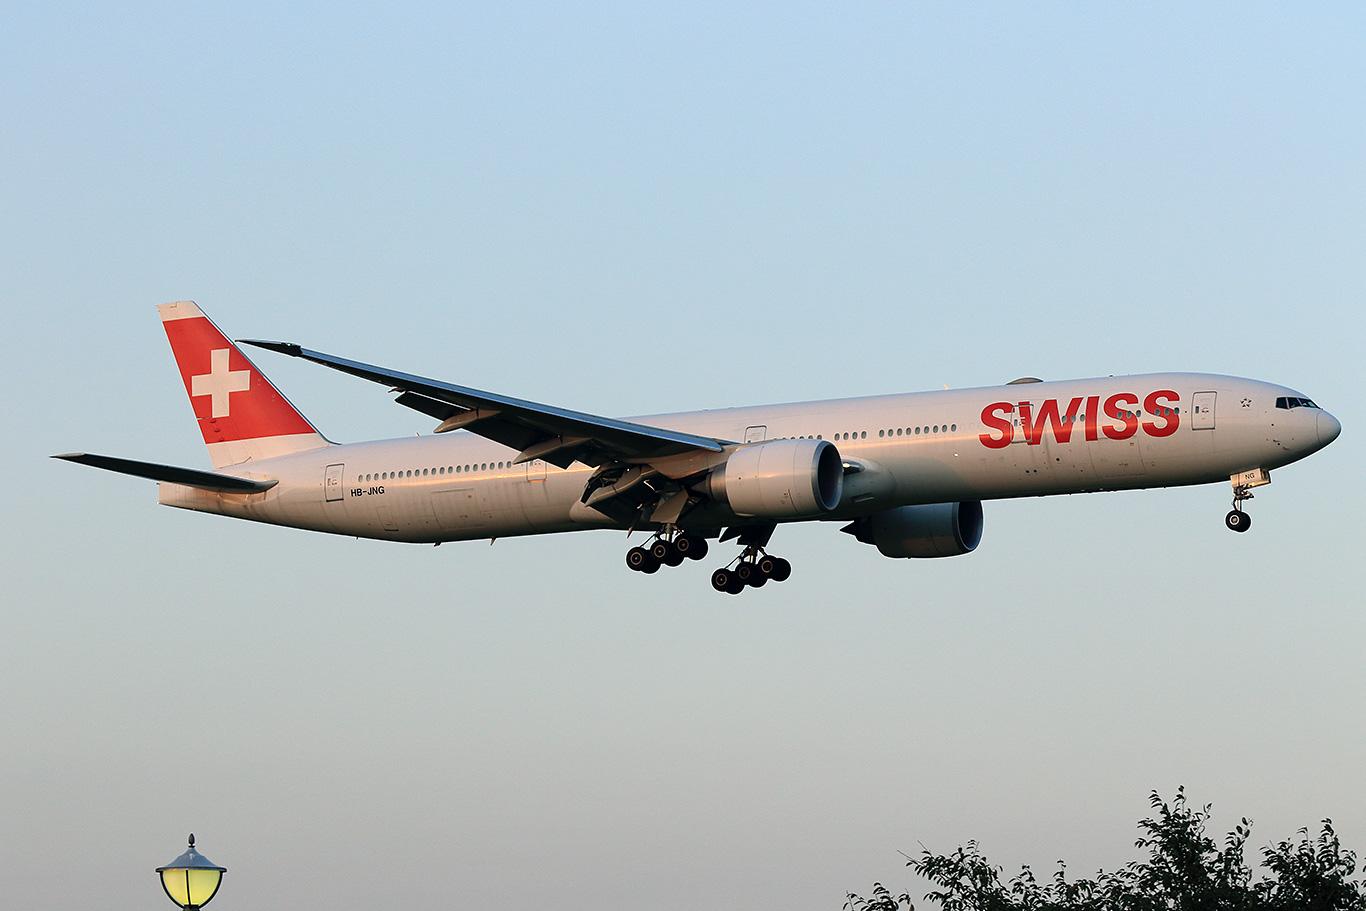 LX/SWR/スイス国際航空 B777-300ER HB-JNG